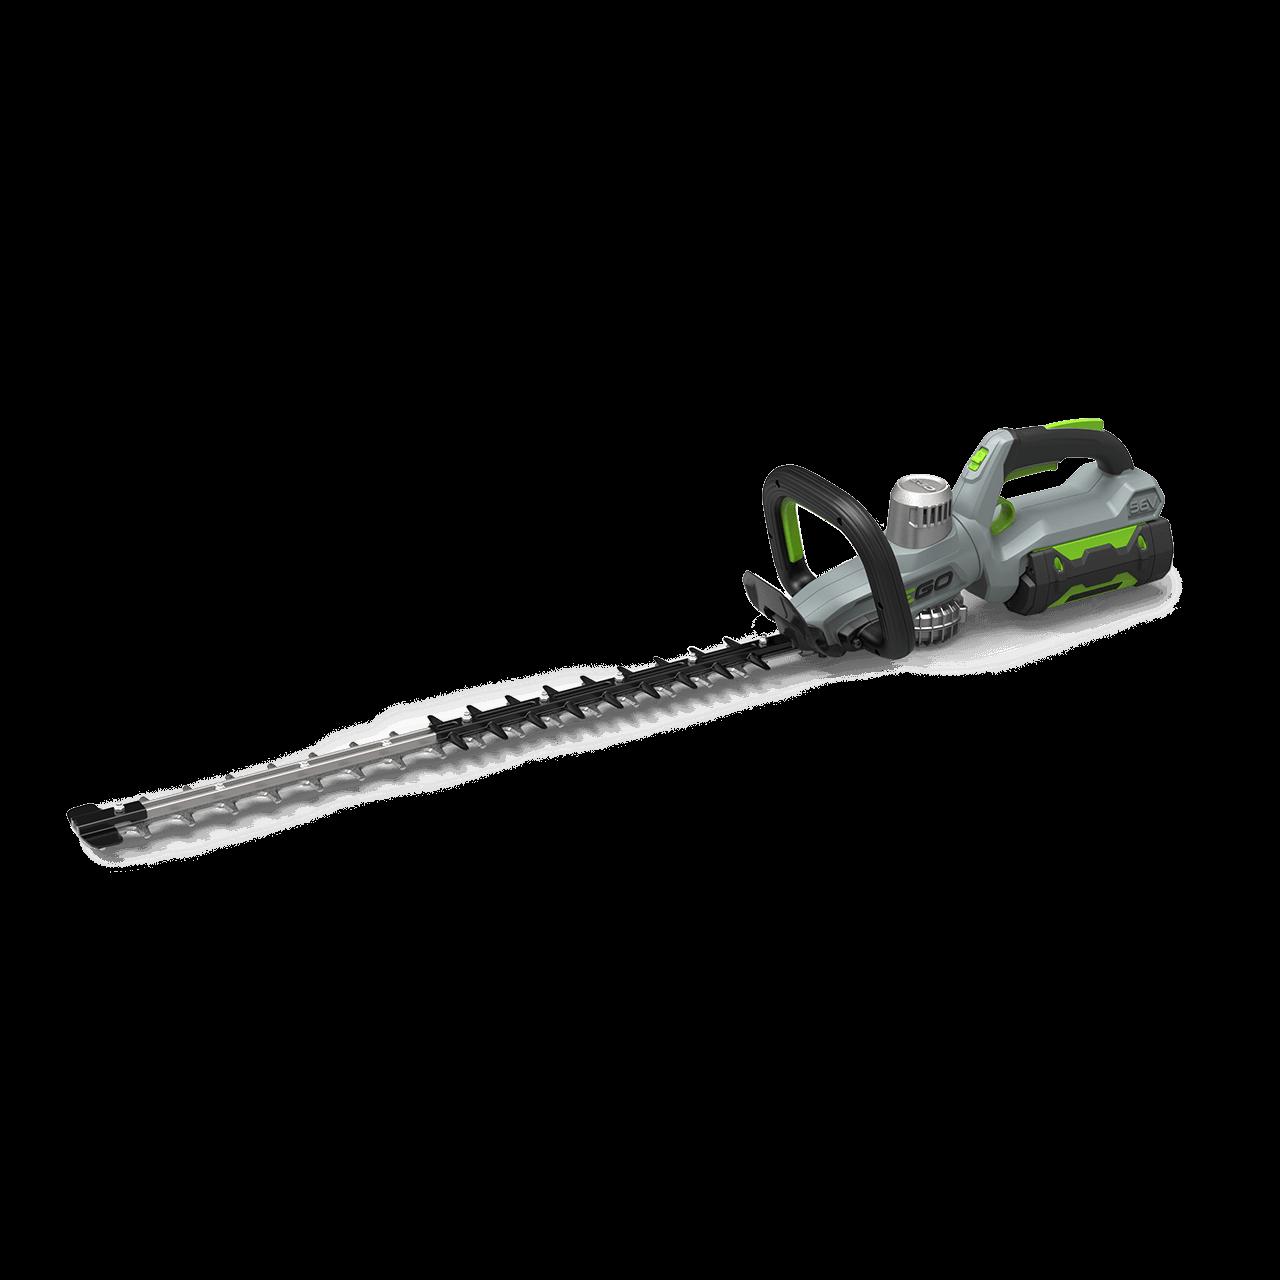 Ht E 65cm Hedge Trimmer